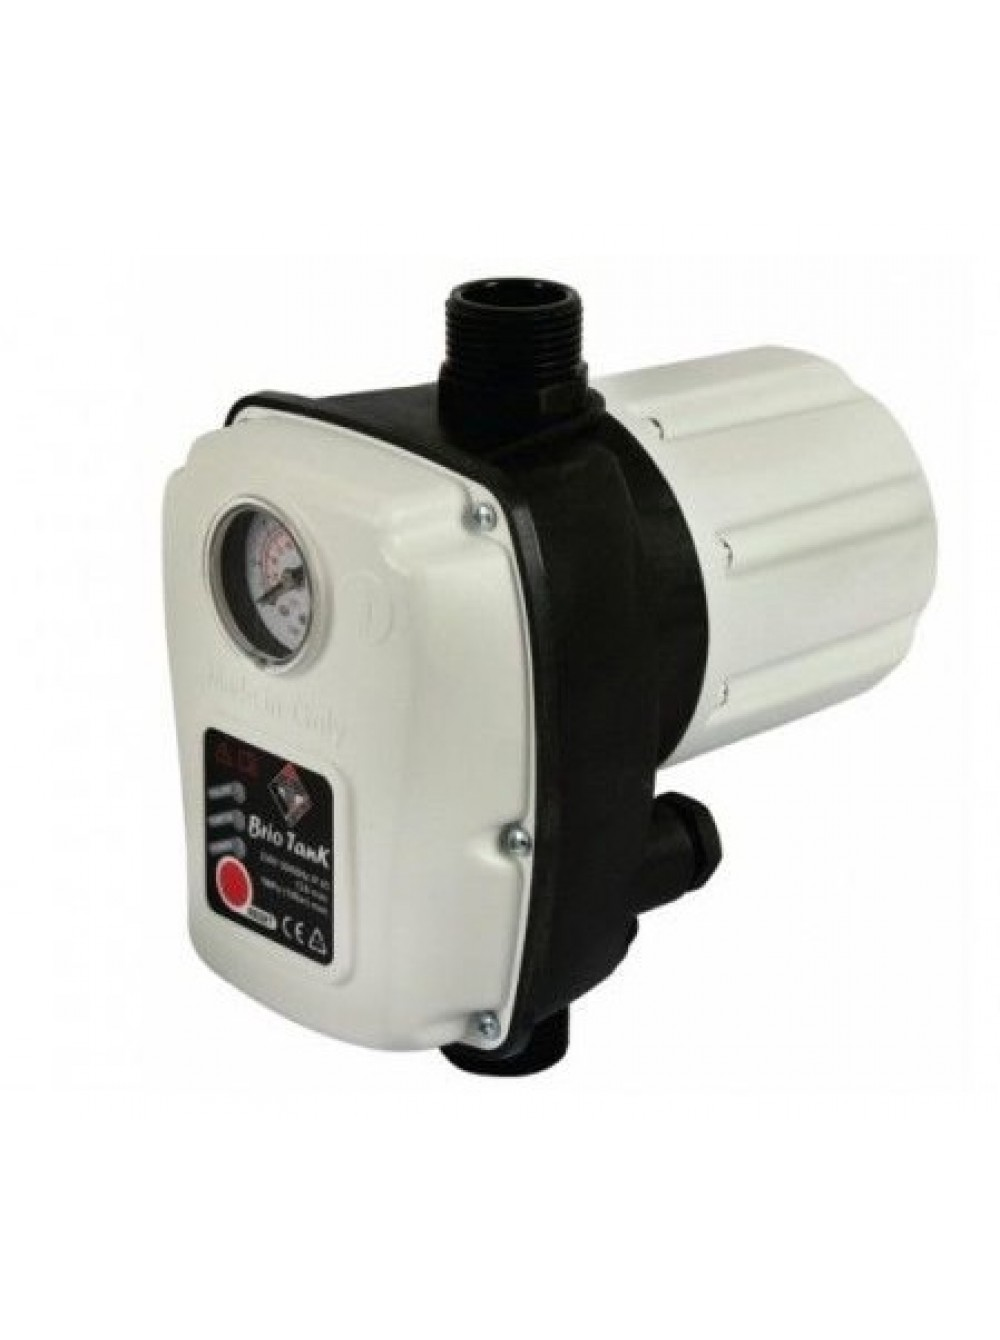 Электронное реле давления автоматика BrioTank Italtecnica цена